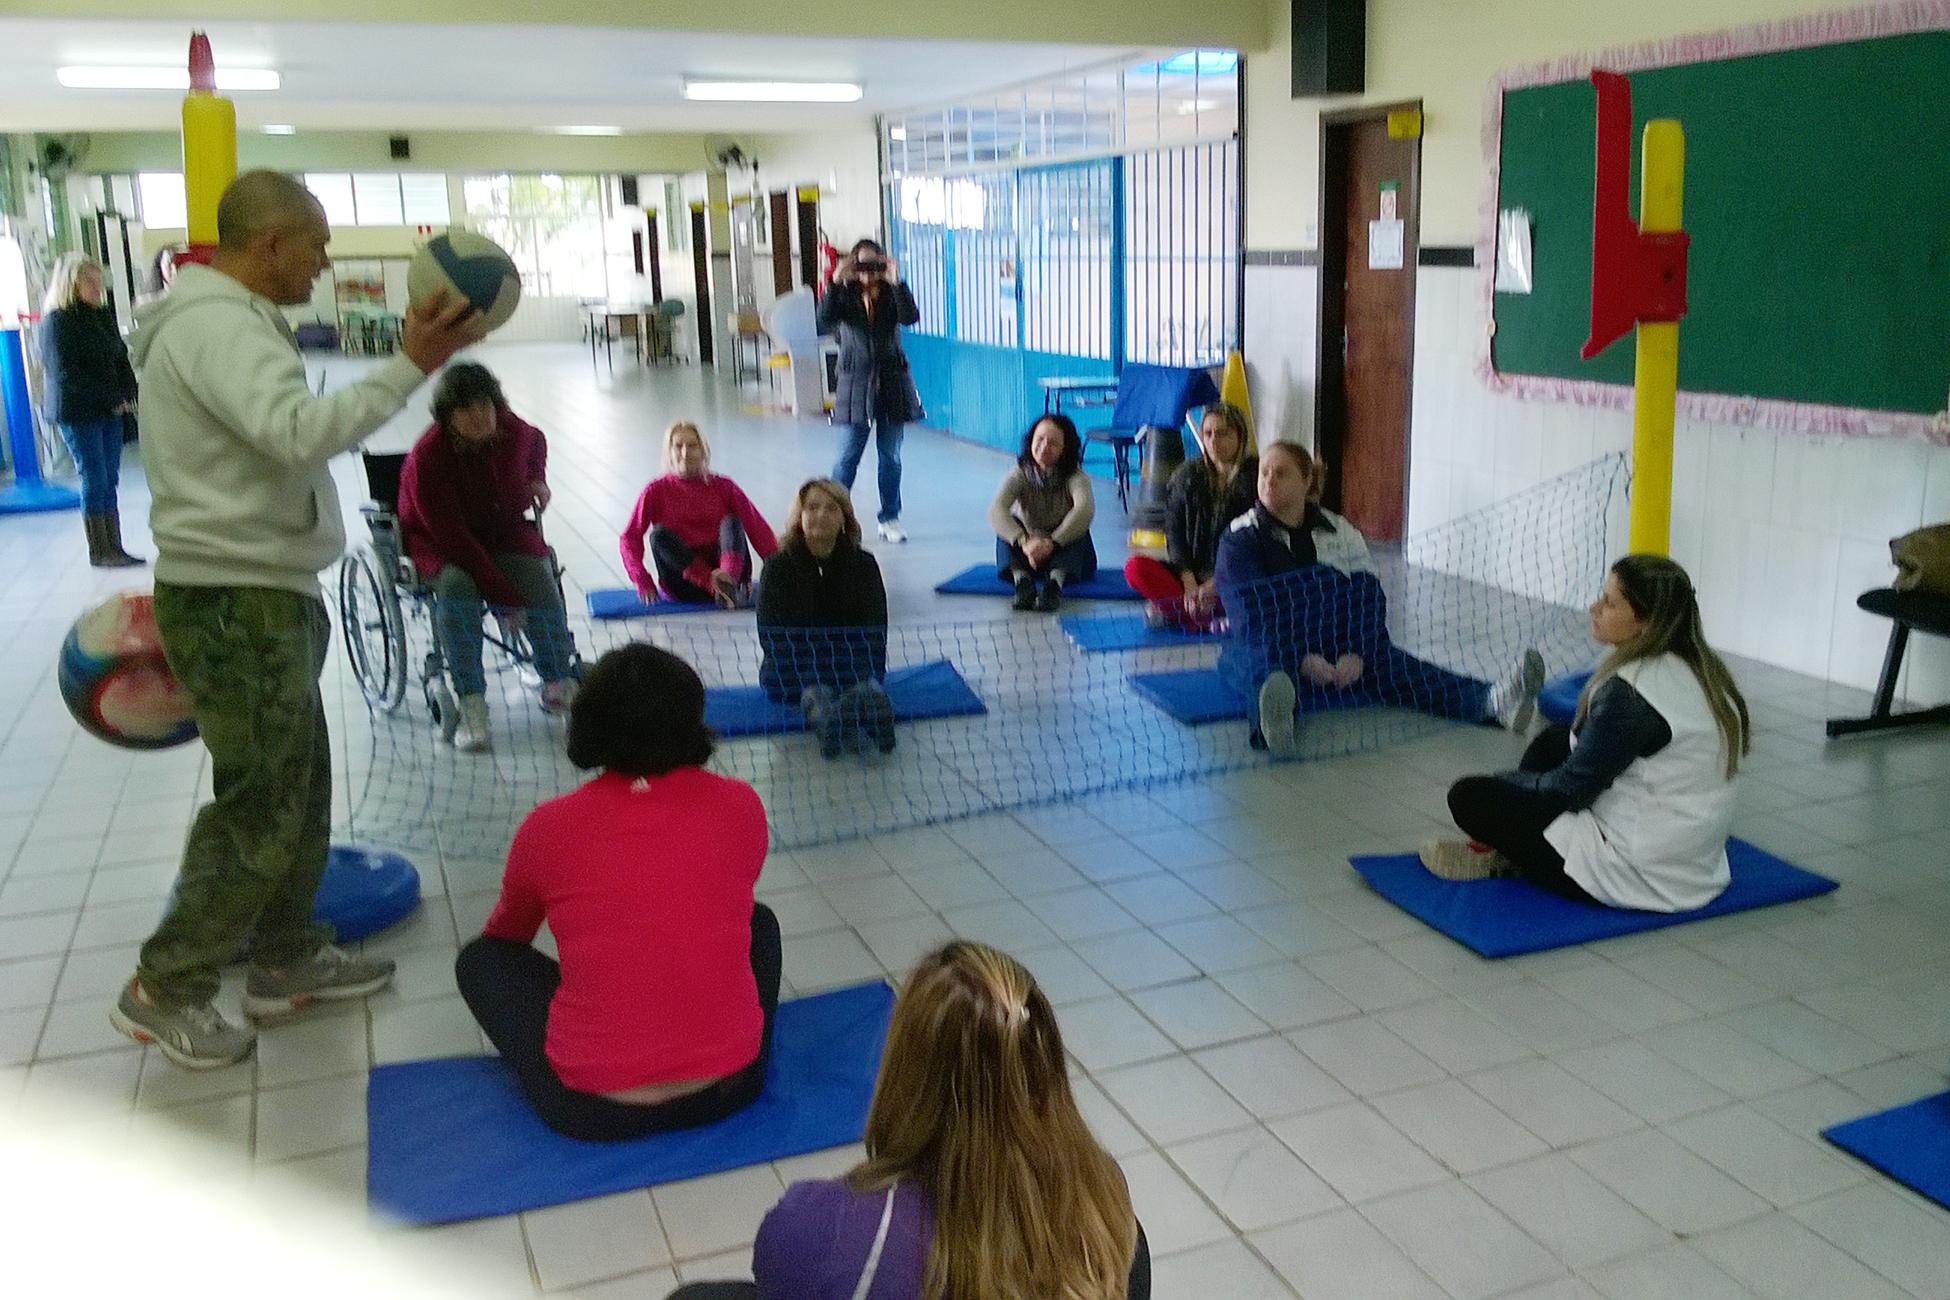 Grupo de professores joga vôlei sentado em pátio de escola.